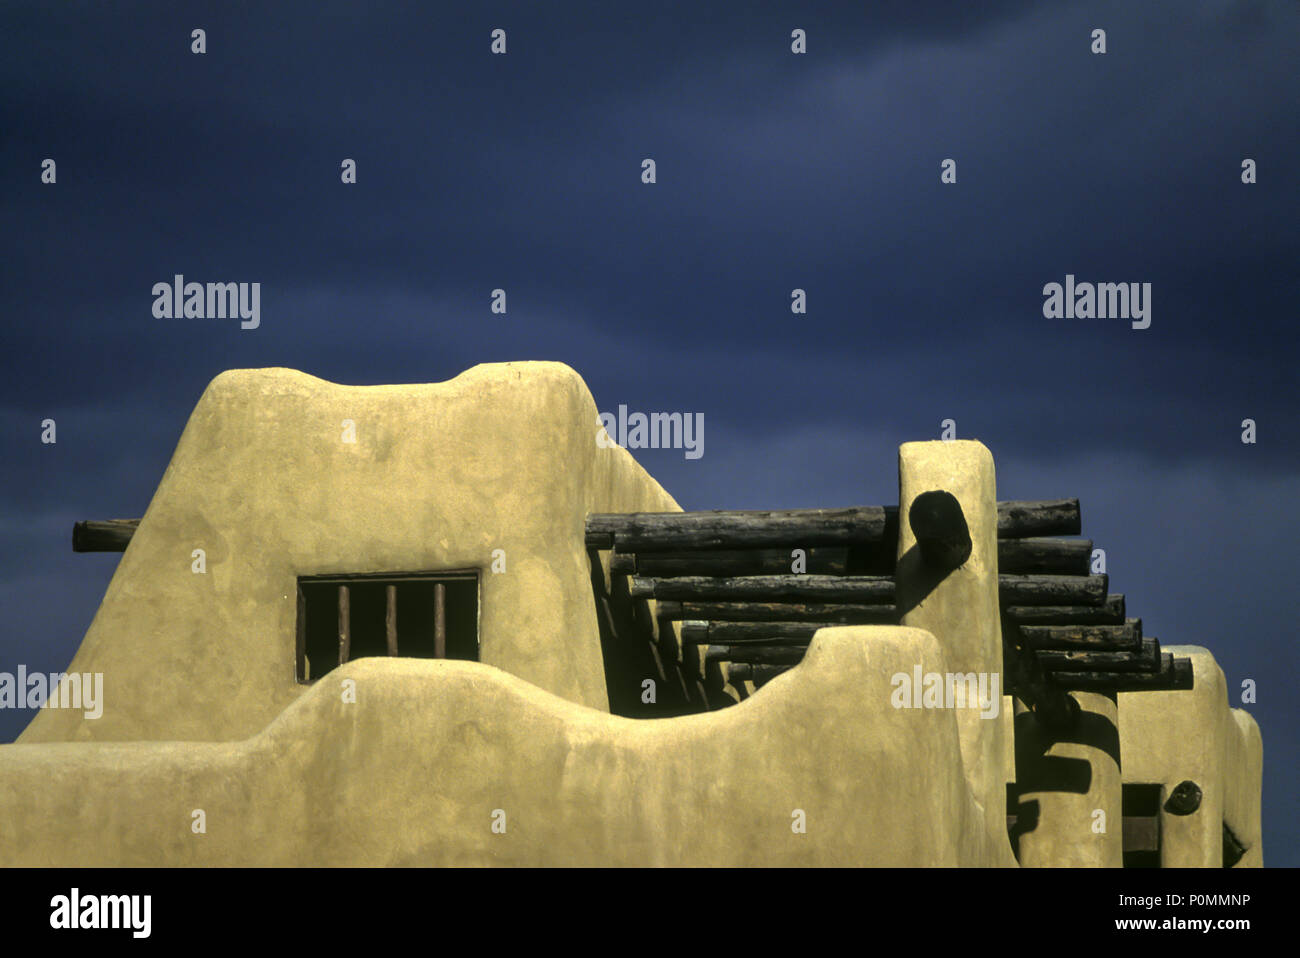 1996 HISTORICAL ADOBE STYLE HOUSE SANTA FE NEW MEXICO USA Stock Photo